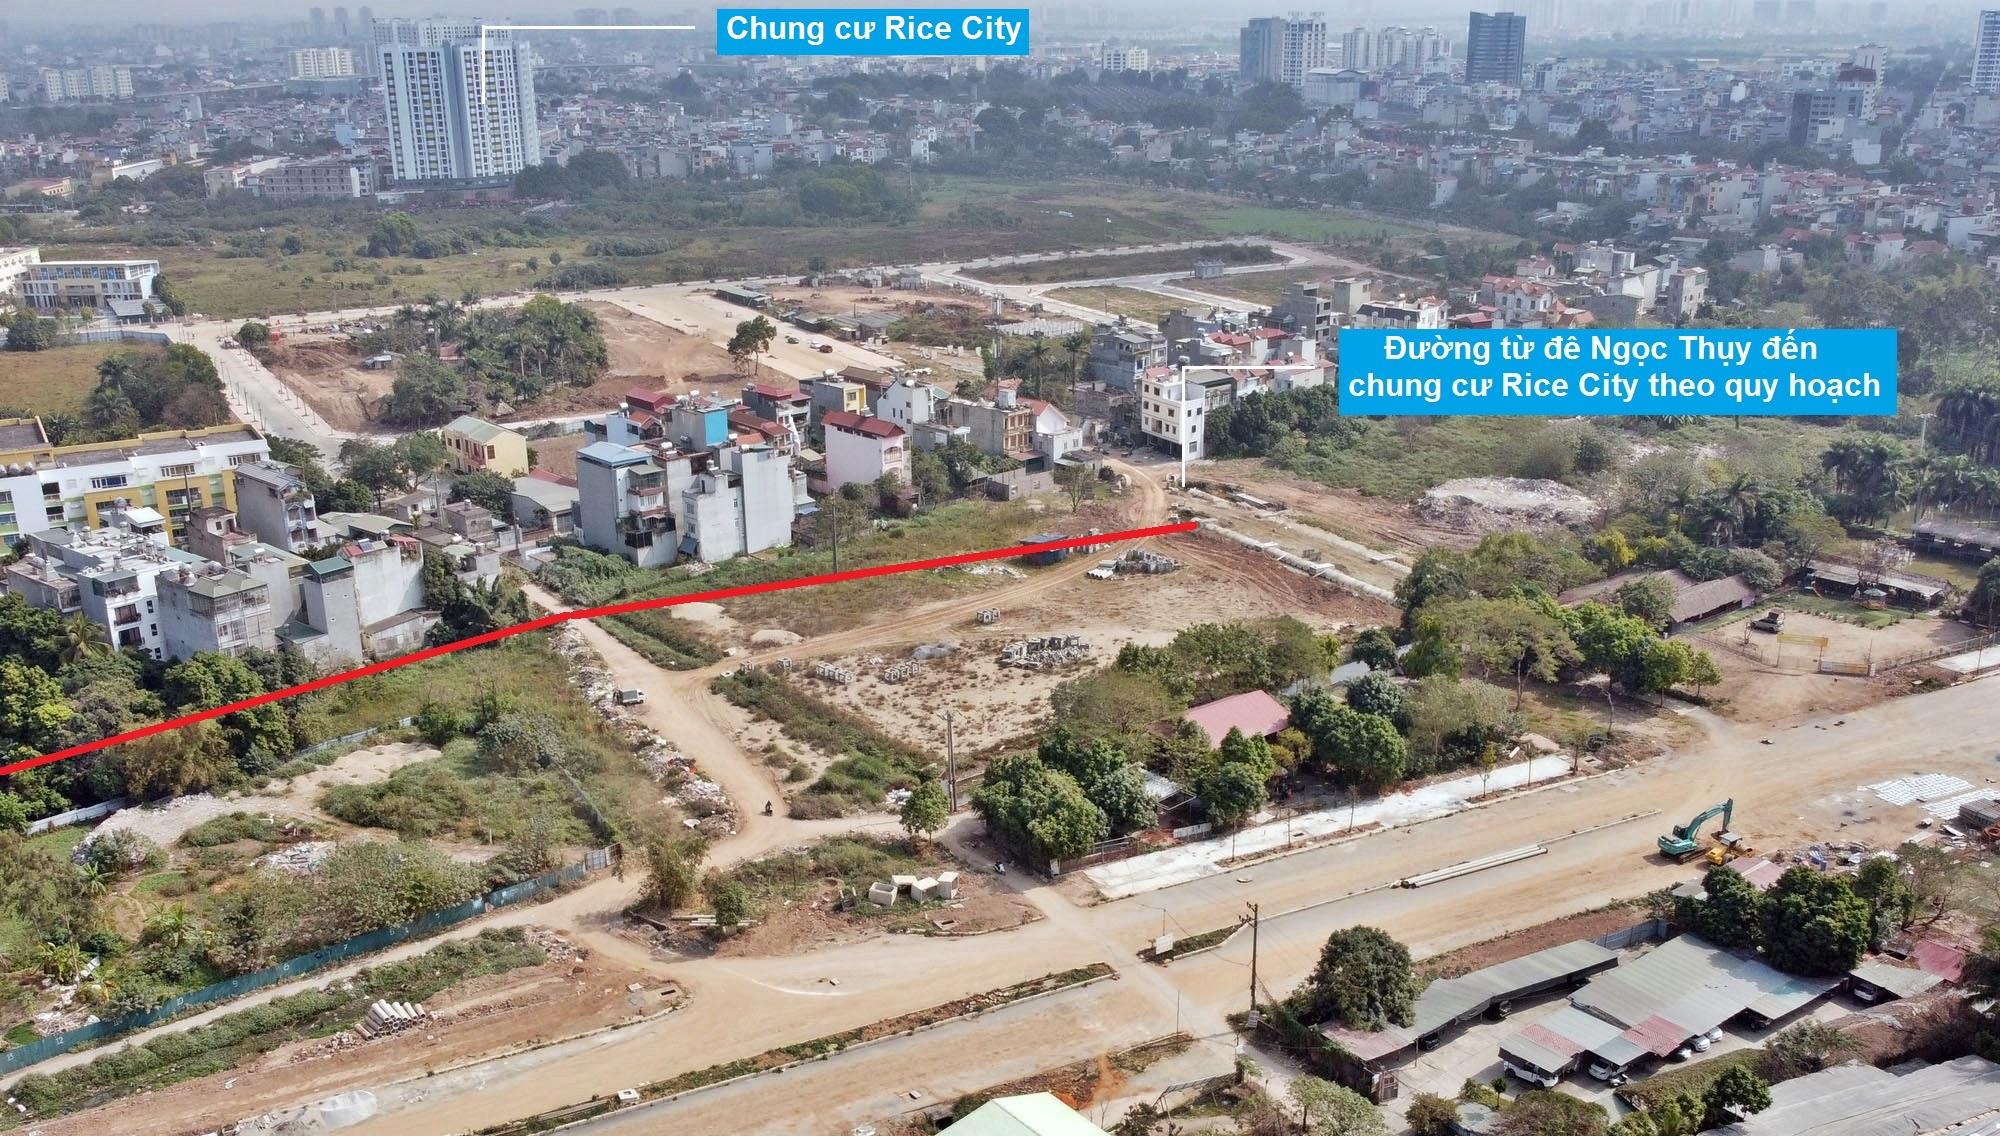 Ba đường mở theo quy hoạch ở phường Ngọc Thụy, Long Biên, Hà Nội (phần 3) - Ảnh 8.